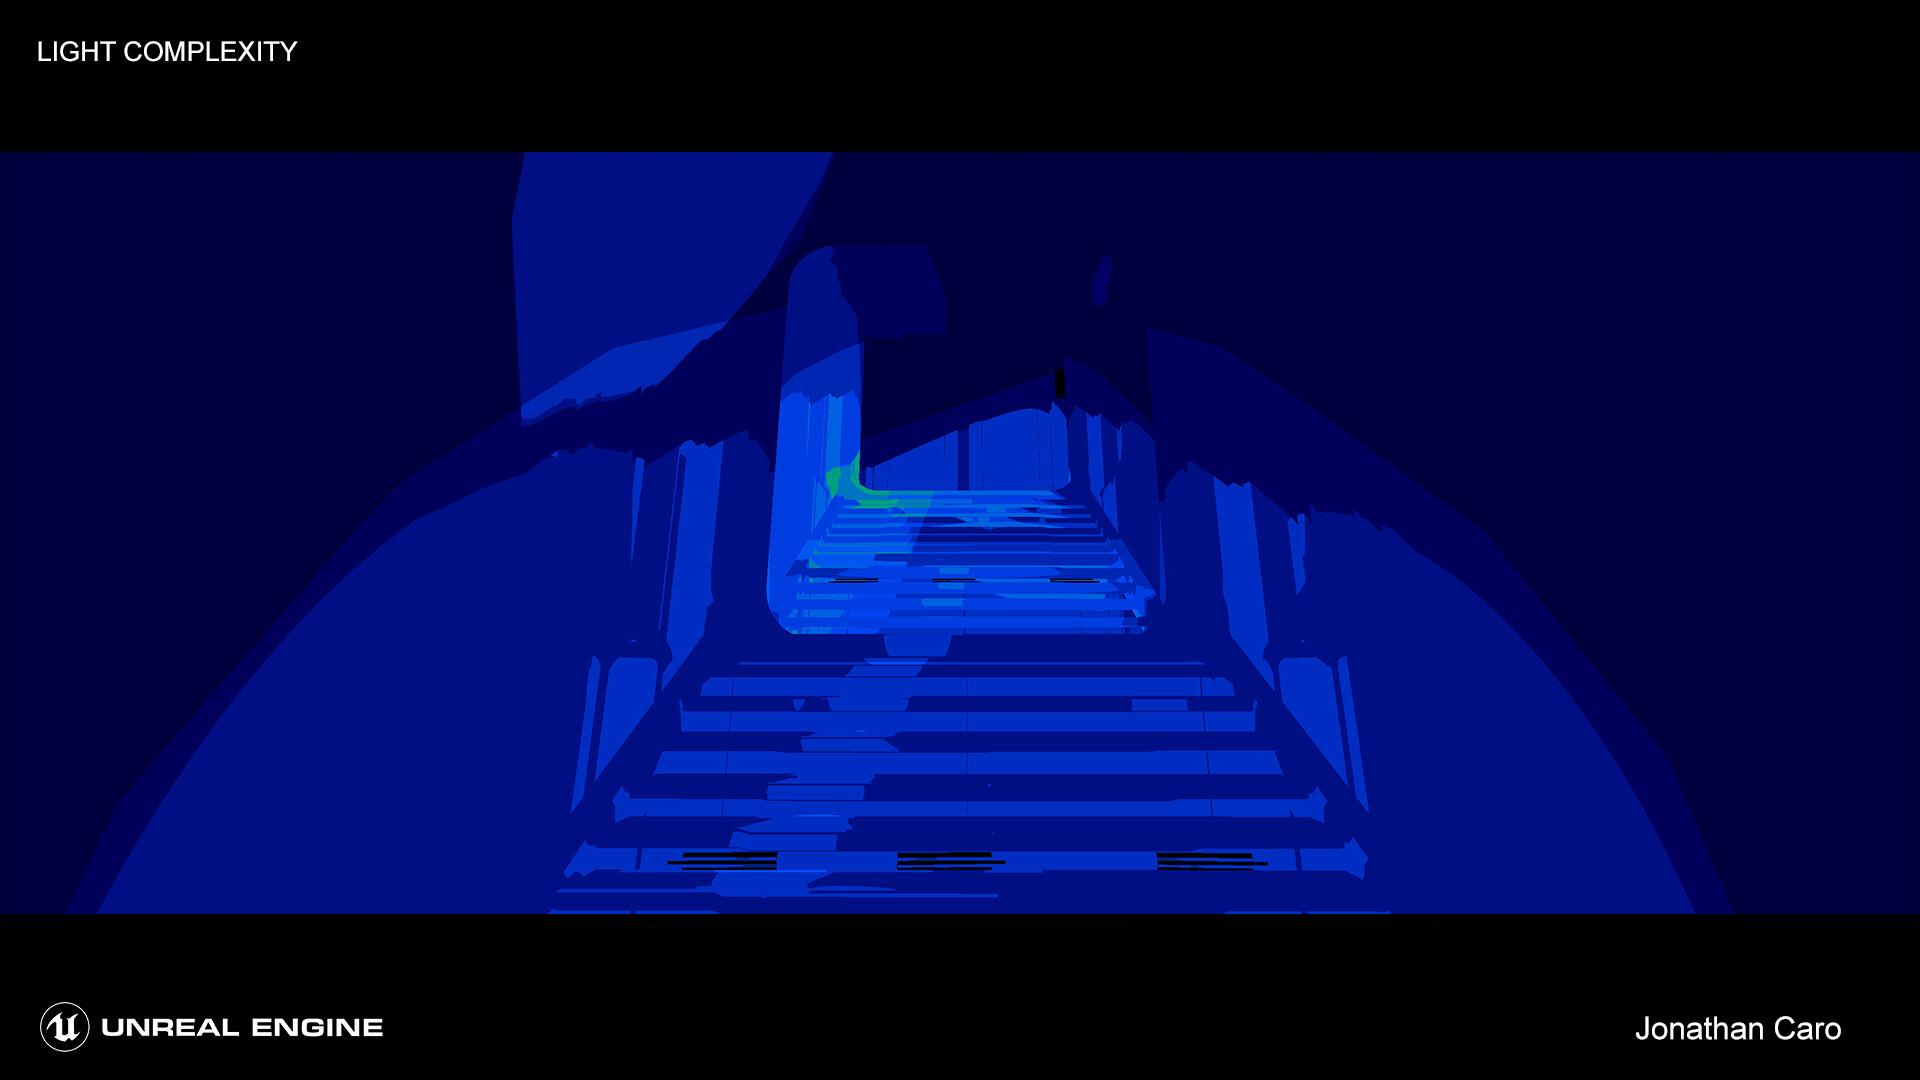 Jonathan caro joncaro unreallightstudy shot03 lightcomplexity